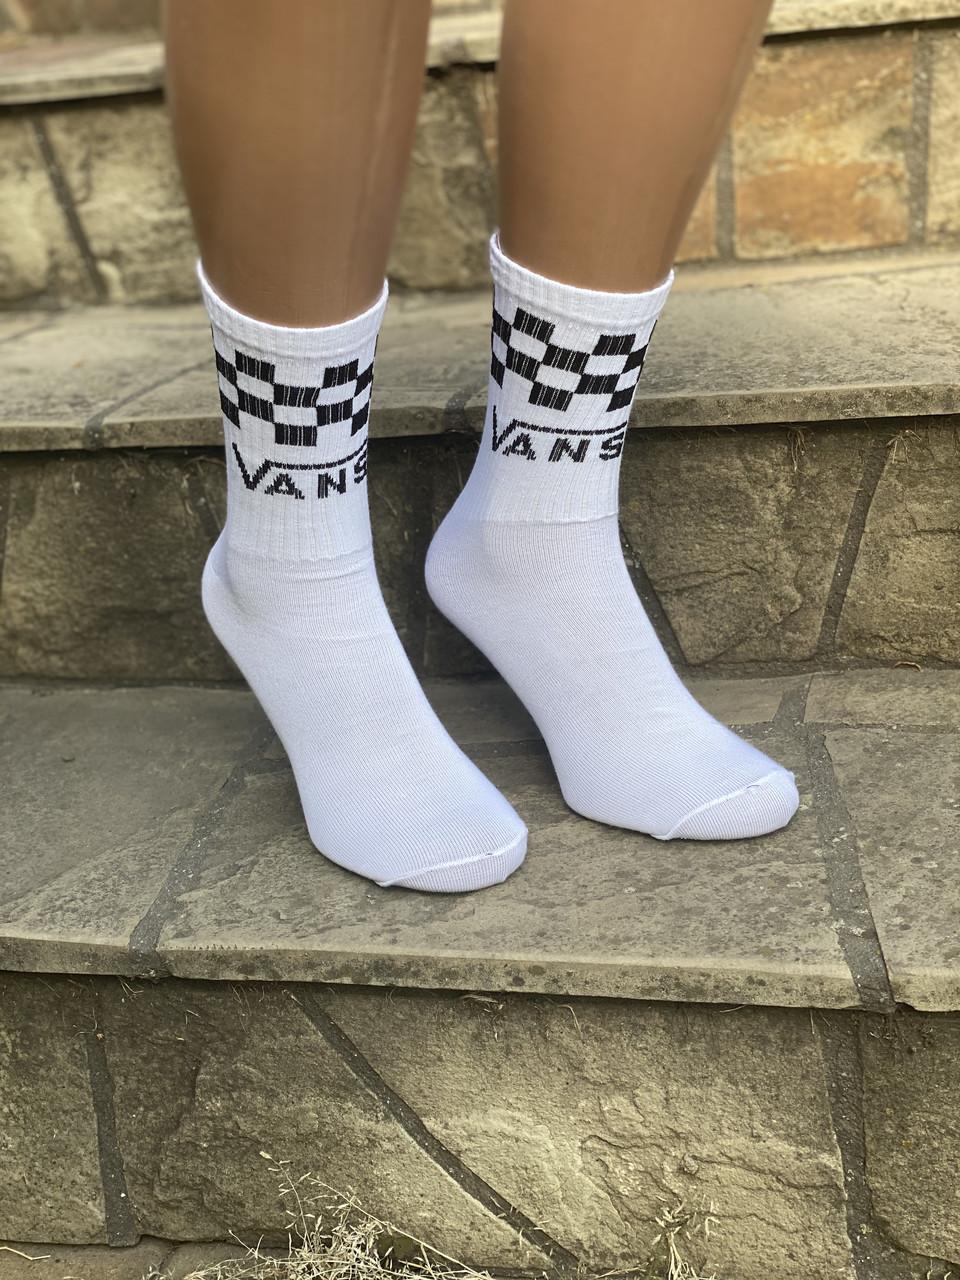 Жіночі білі високі шкарпетки Vans 36-40 12 шт в уп